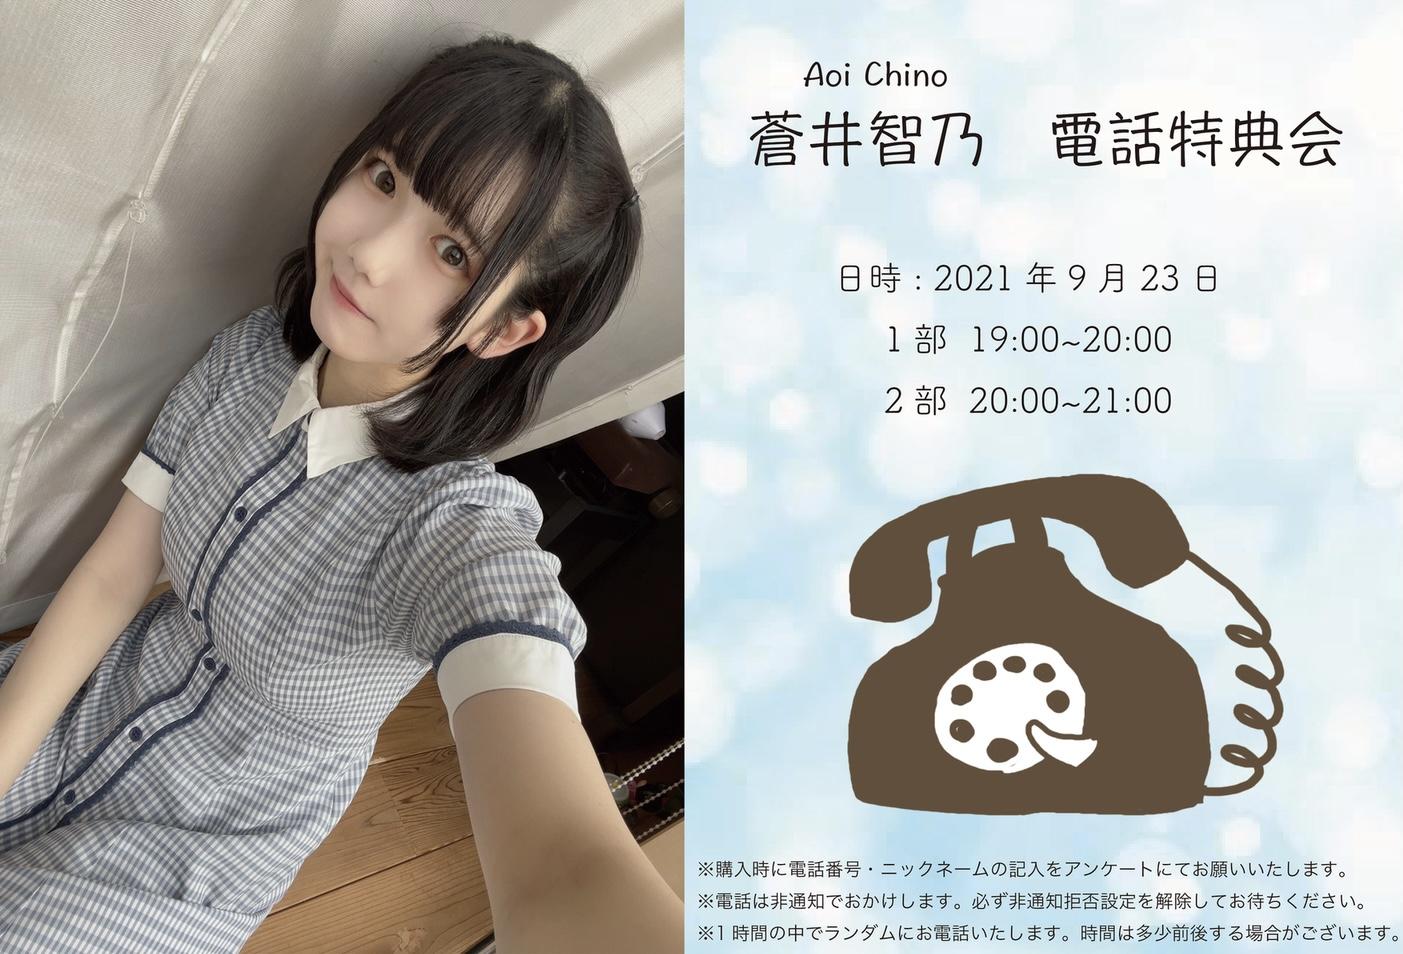 『蒼井智乃 電話特典会』